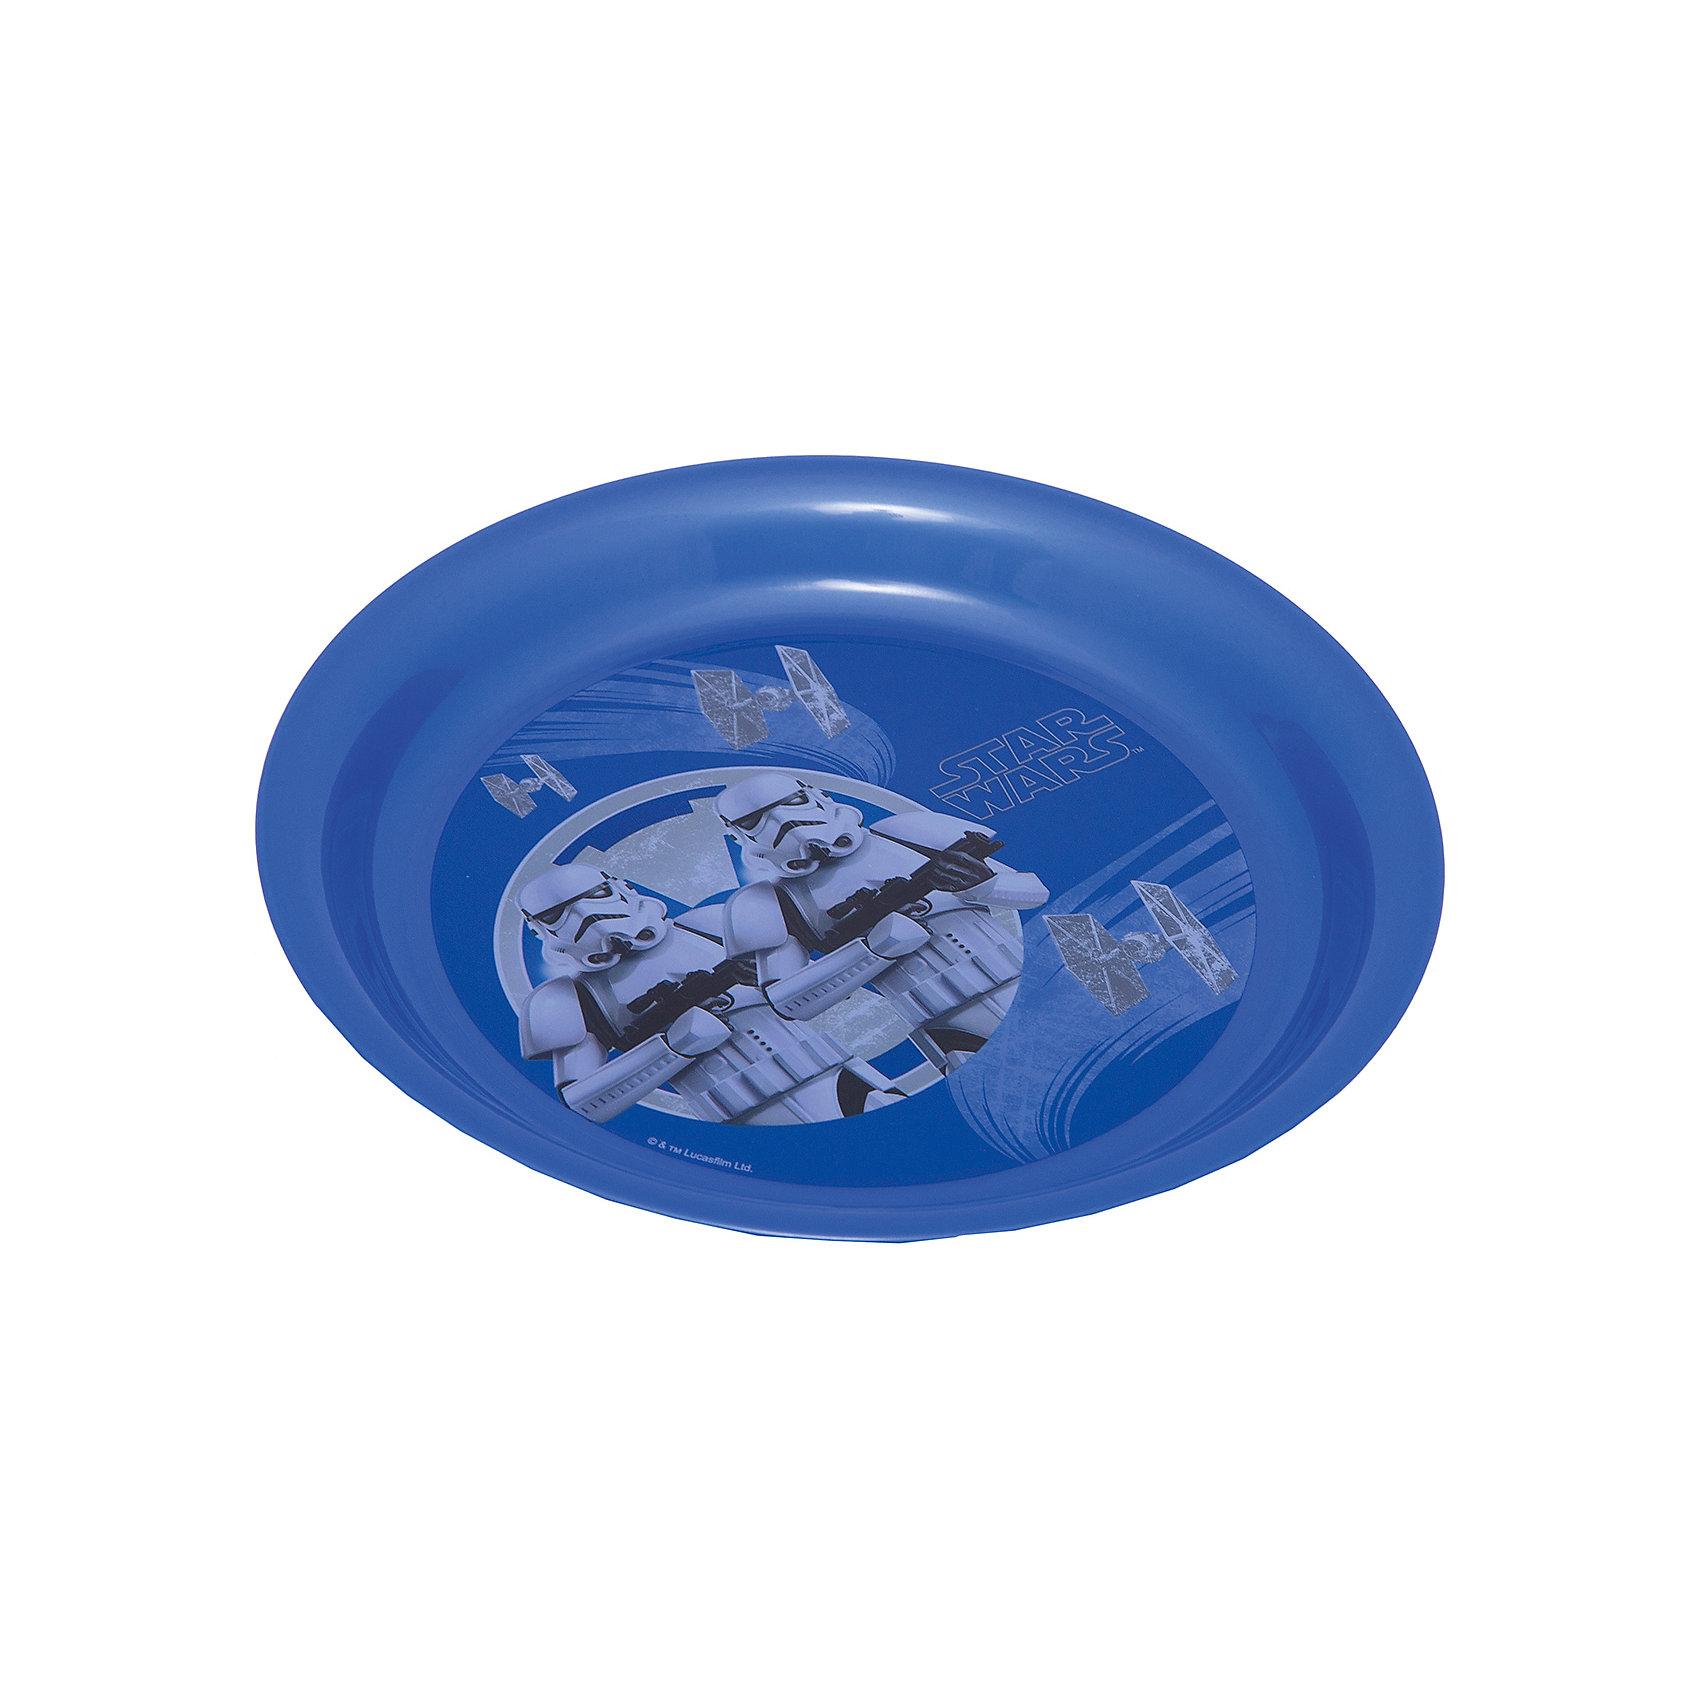 Синяя тарелка Звездные войны (диаметр 19 см), Звездные войныСиняя тарелка Звездные войны (диаметр 19 см), Звездные войны – это отличный подарок для фаната вселенной Star Wars.<br>Тарелка Звездный войны выполнена из полипропилена и оформлена рисунком с изображением имперских штурмовиков. Тарелка не подходит для использования в посудомоечной машине и СВЧ-печи.<br><br>Дополнительная информация:<br><br>- Диаметр: 19 см.<br>- Глубина: 2 см.<br>- Материал: полипропилен<br>- Цвет: синий<br>- Размер упаковки: 19 х 19 х 2 см.<br>- Вес: 45 гр.<br><br>Синюю тарелку Звездные войны (диаметр 19 см), Звездные войны можно купить в нашем интернет-магазине.<br><br>Ширина мм: 190<br>Глубина мм: 190<br>Высота мм: 20<br>Вес г: 45<br>Возраст от месяцев: 36<br>Возраст до месяцев: 120<br>Пол: Унисекс<br>Возраст: Детский<br>SKU: 4536250